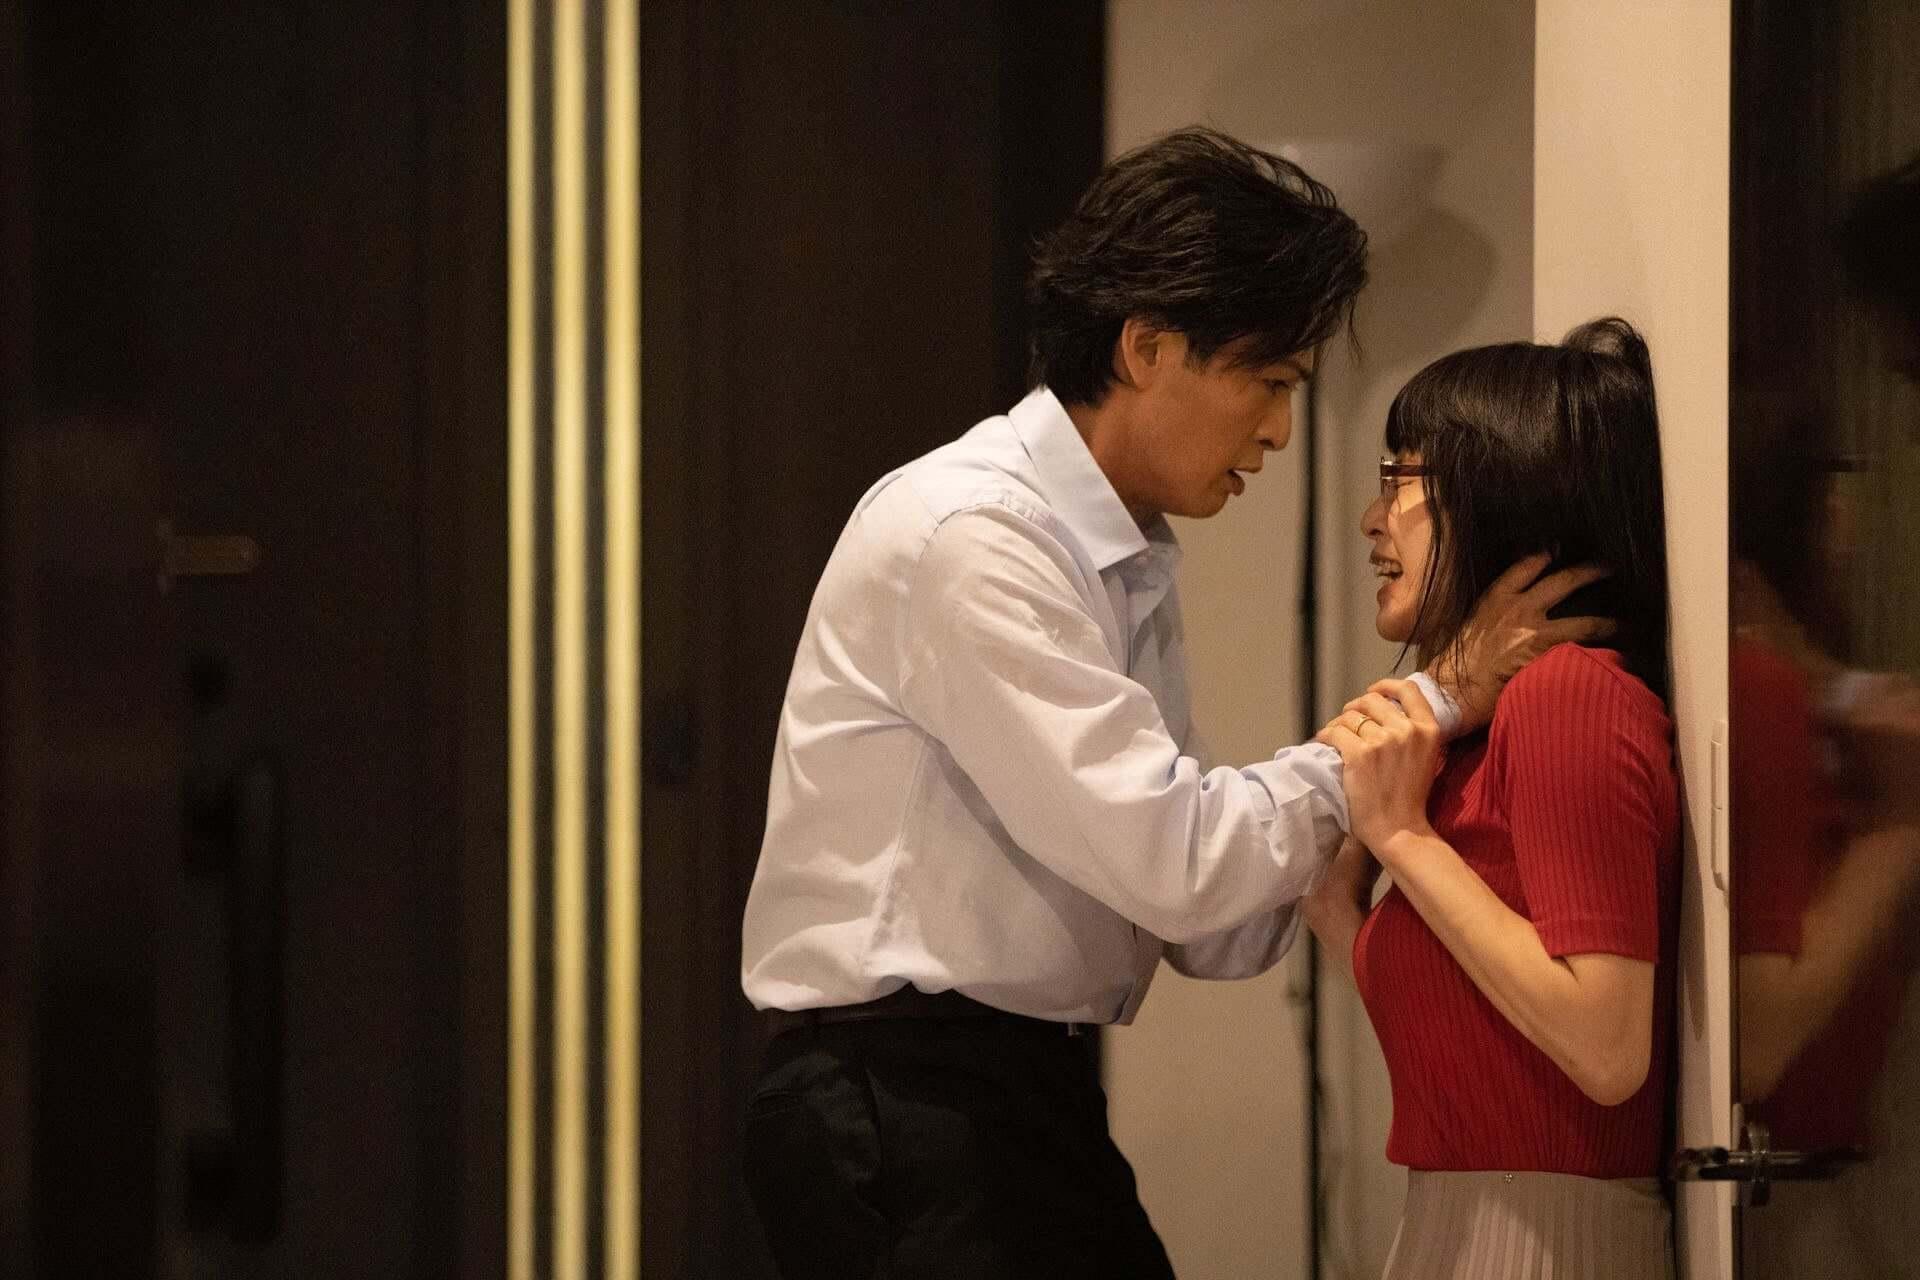 水原希子とさとうほなみ演じる2人の愛の行方とは…Netflix映画『彼女』のティーザー予告編&場面写真が解禁 film210224_netflix-kanojo_7-1920x1280